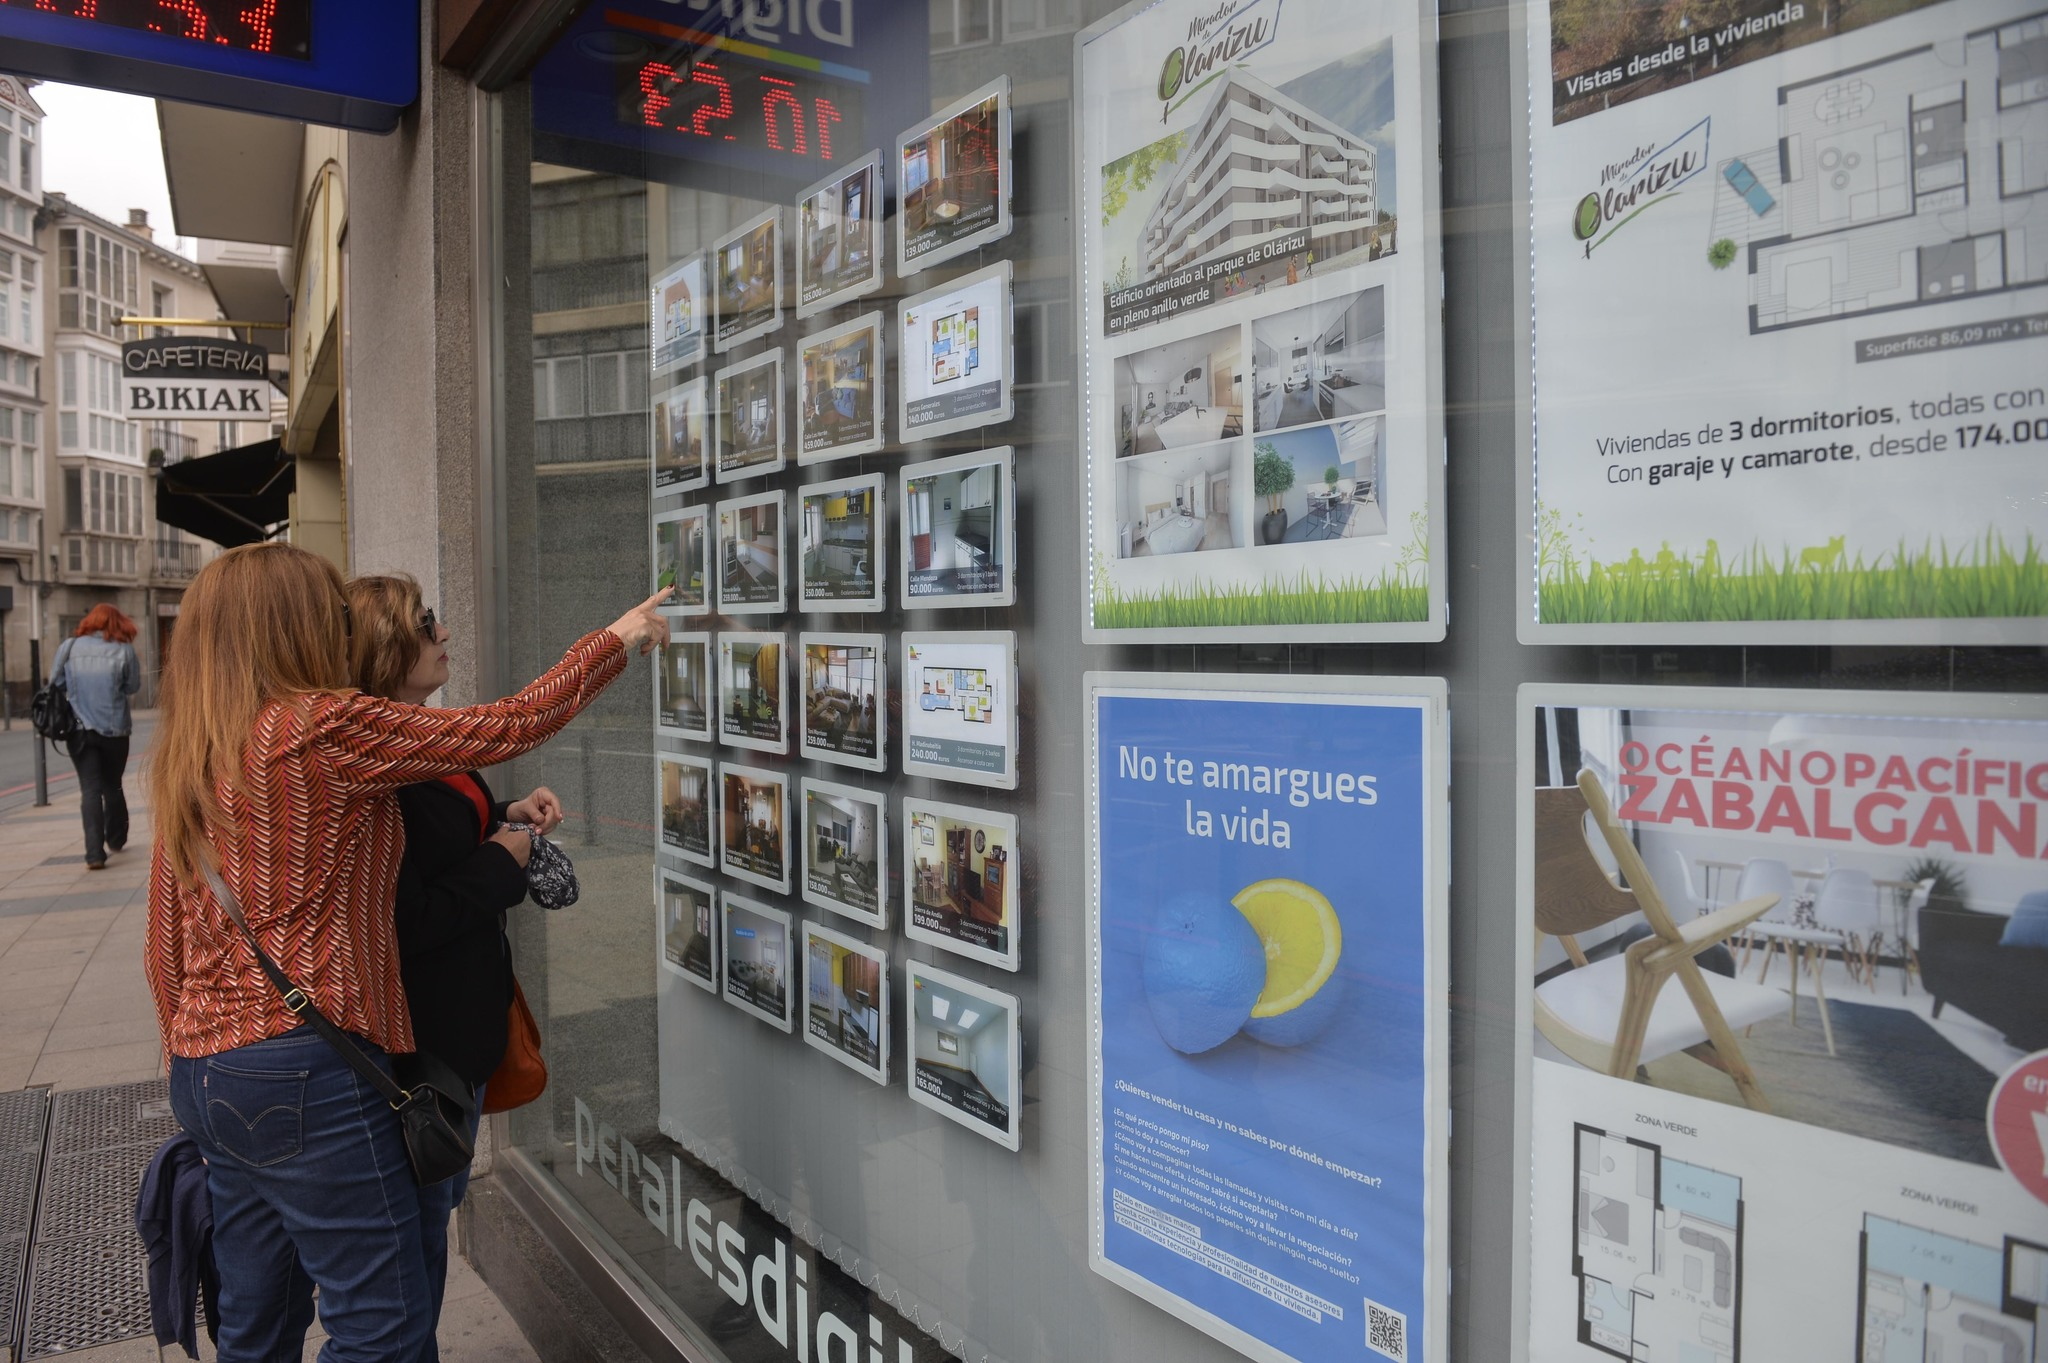 Unas mujeres miran los anuncios de vivienda en venta en una inmobiliaria.